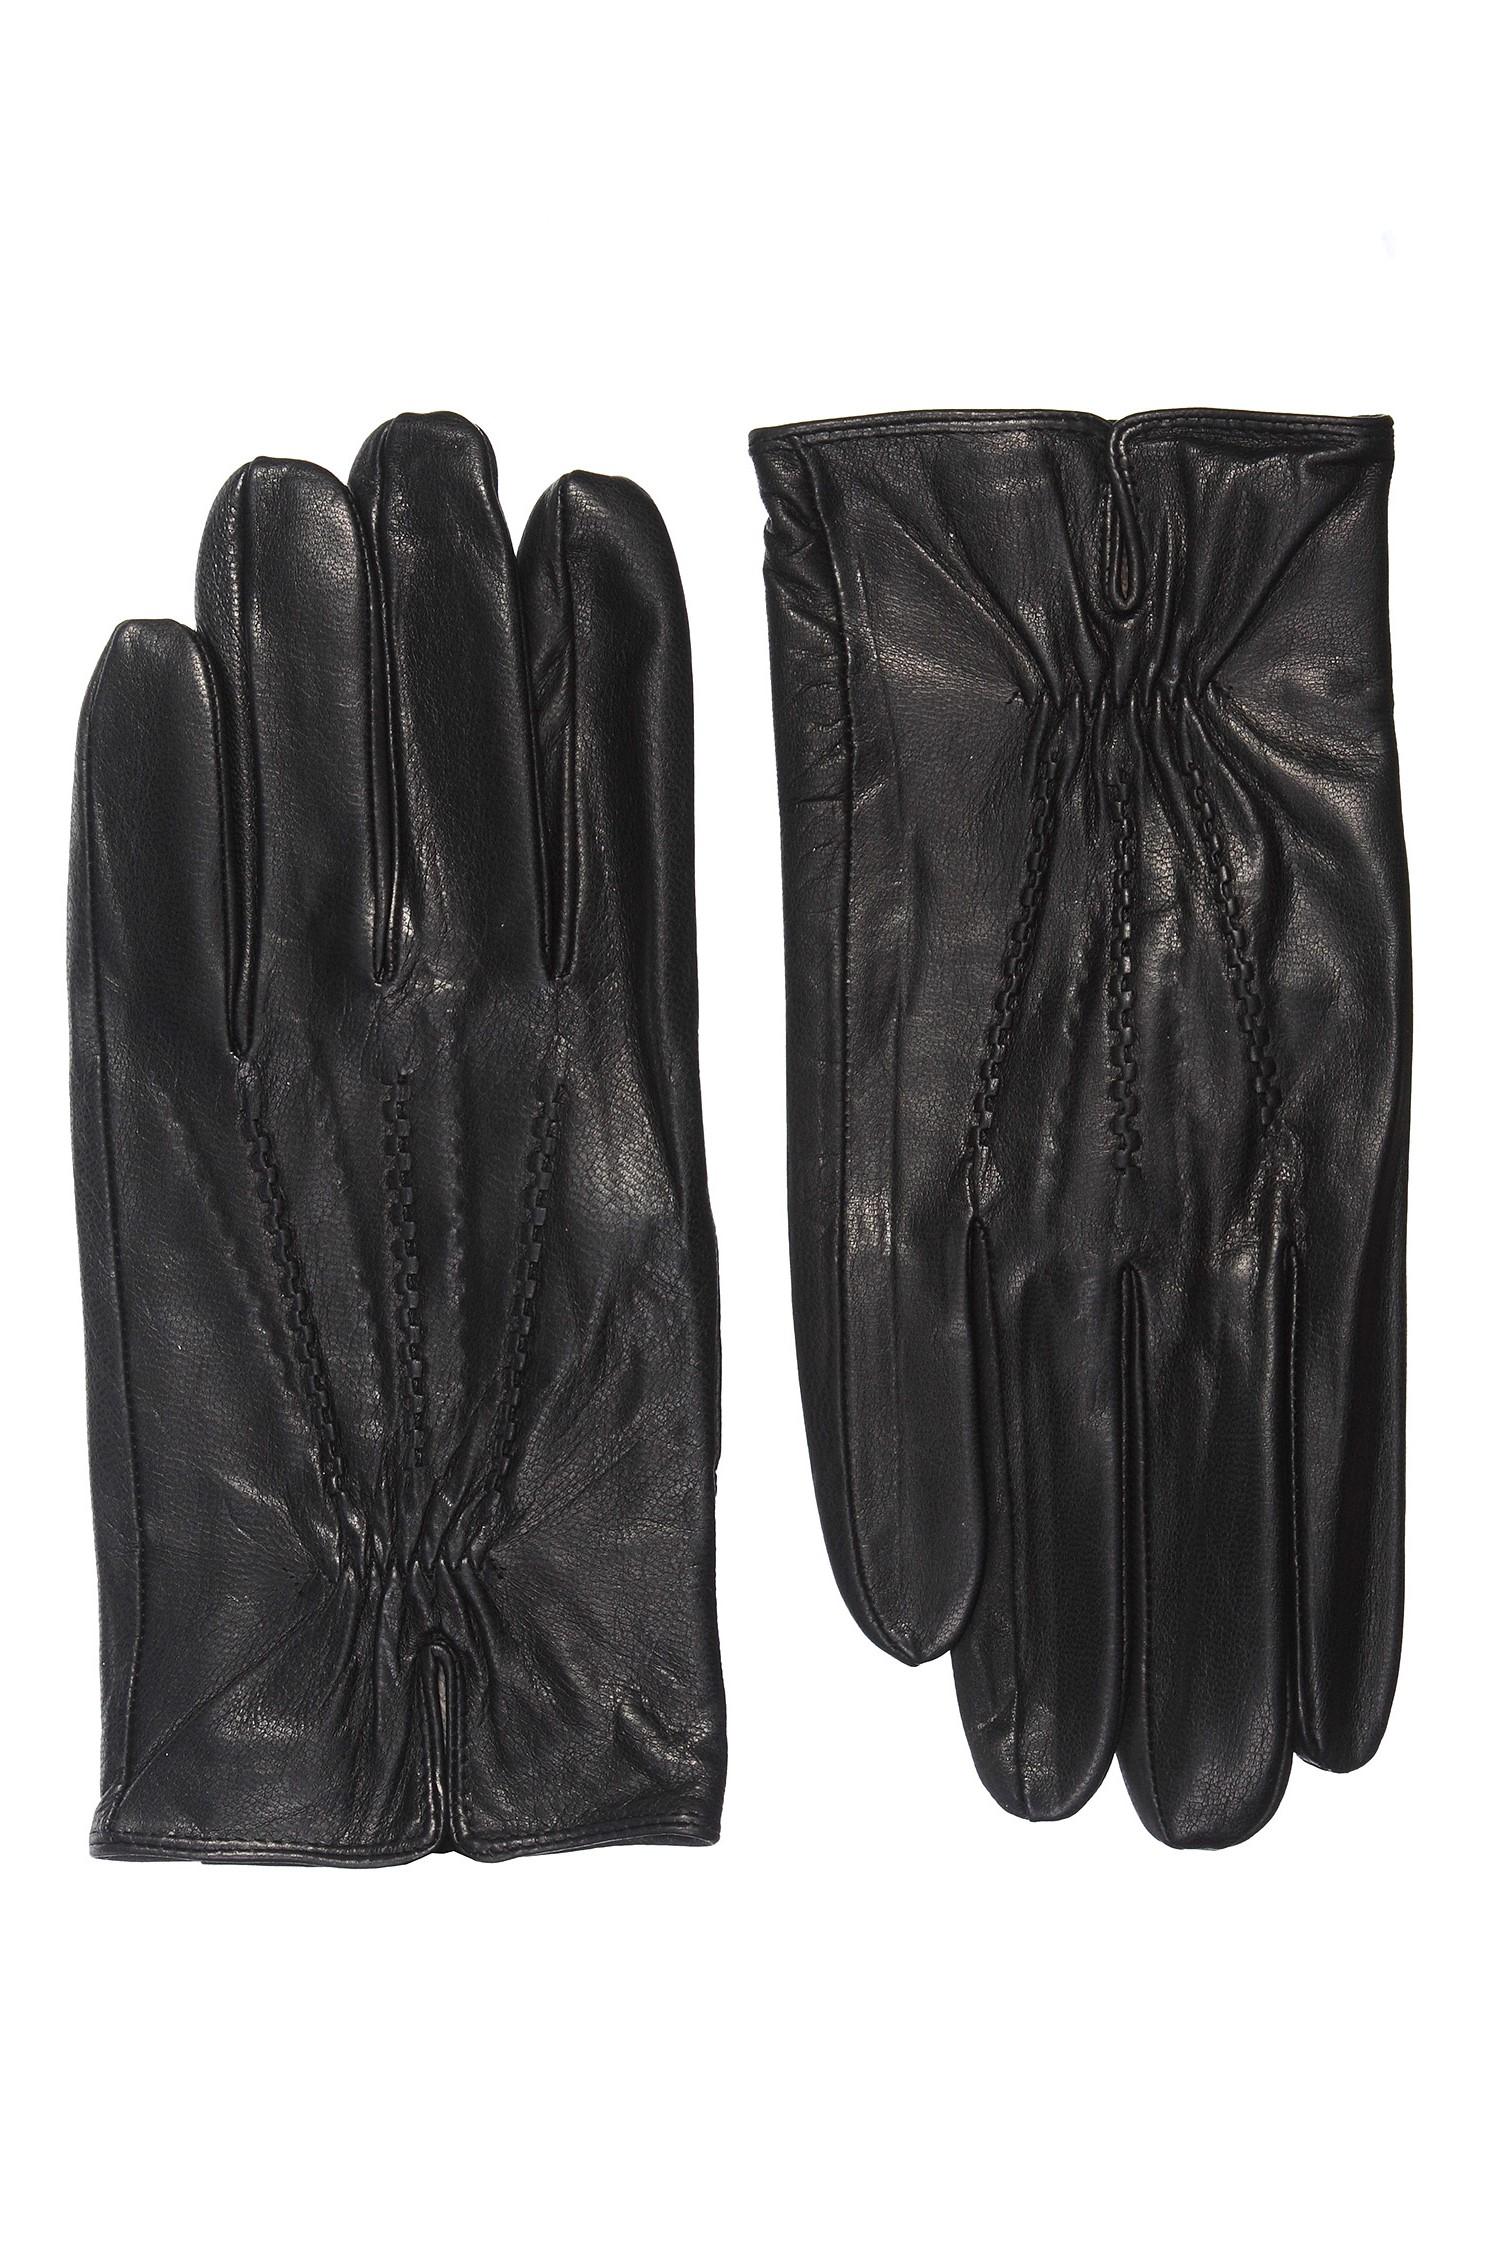 Перчатки мужские из натуральной кожи<br><br>Материал: Кожа овчина<br>Цвет: черный<br>Пол: Мужской<br>Размер RU: 10